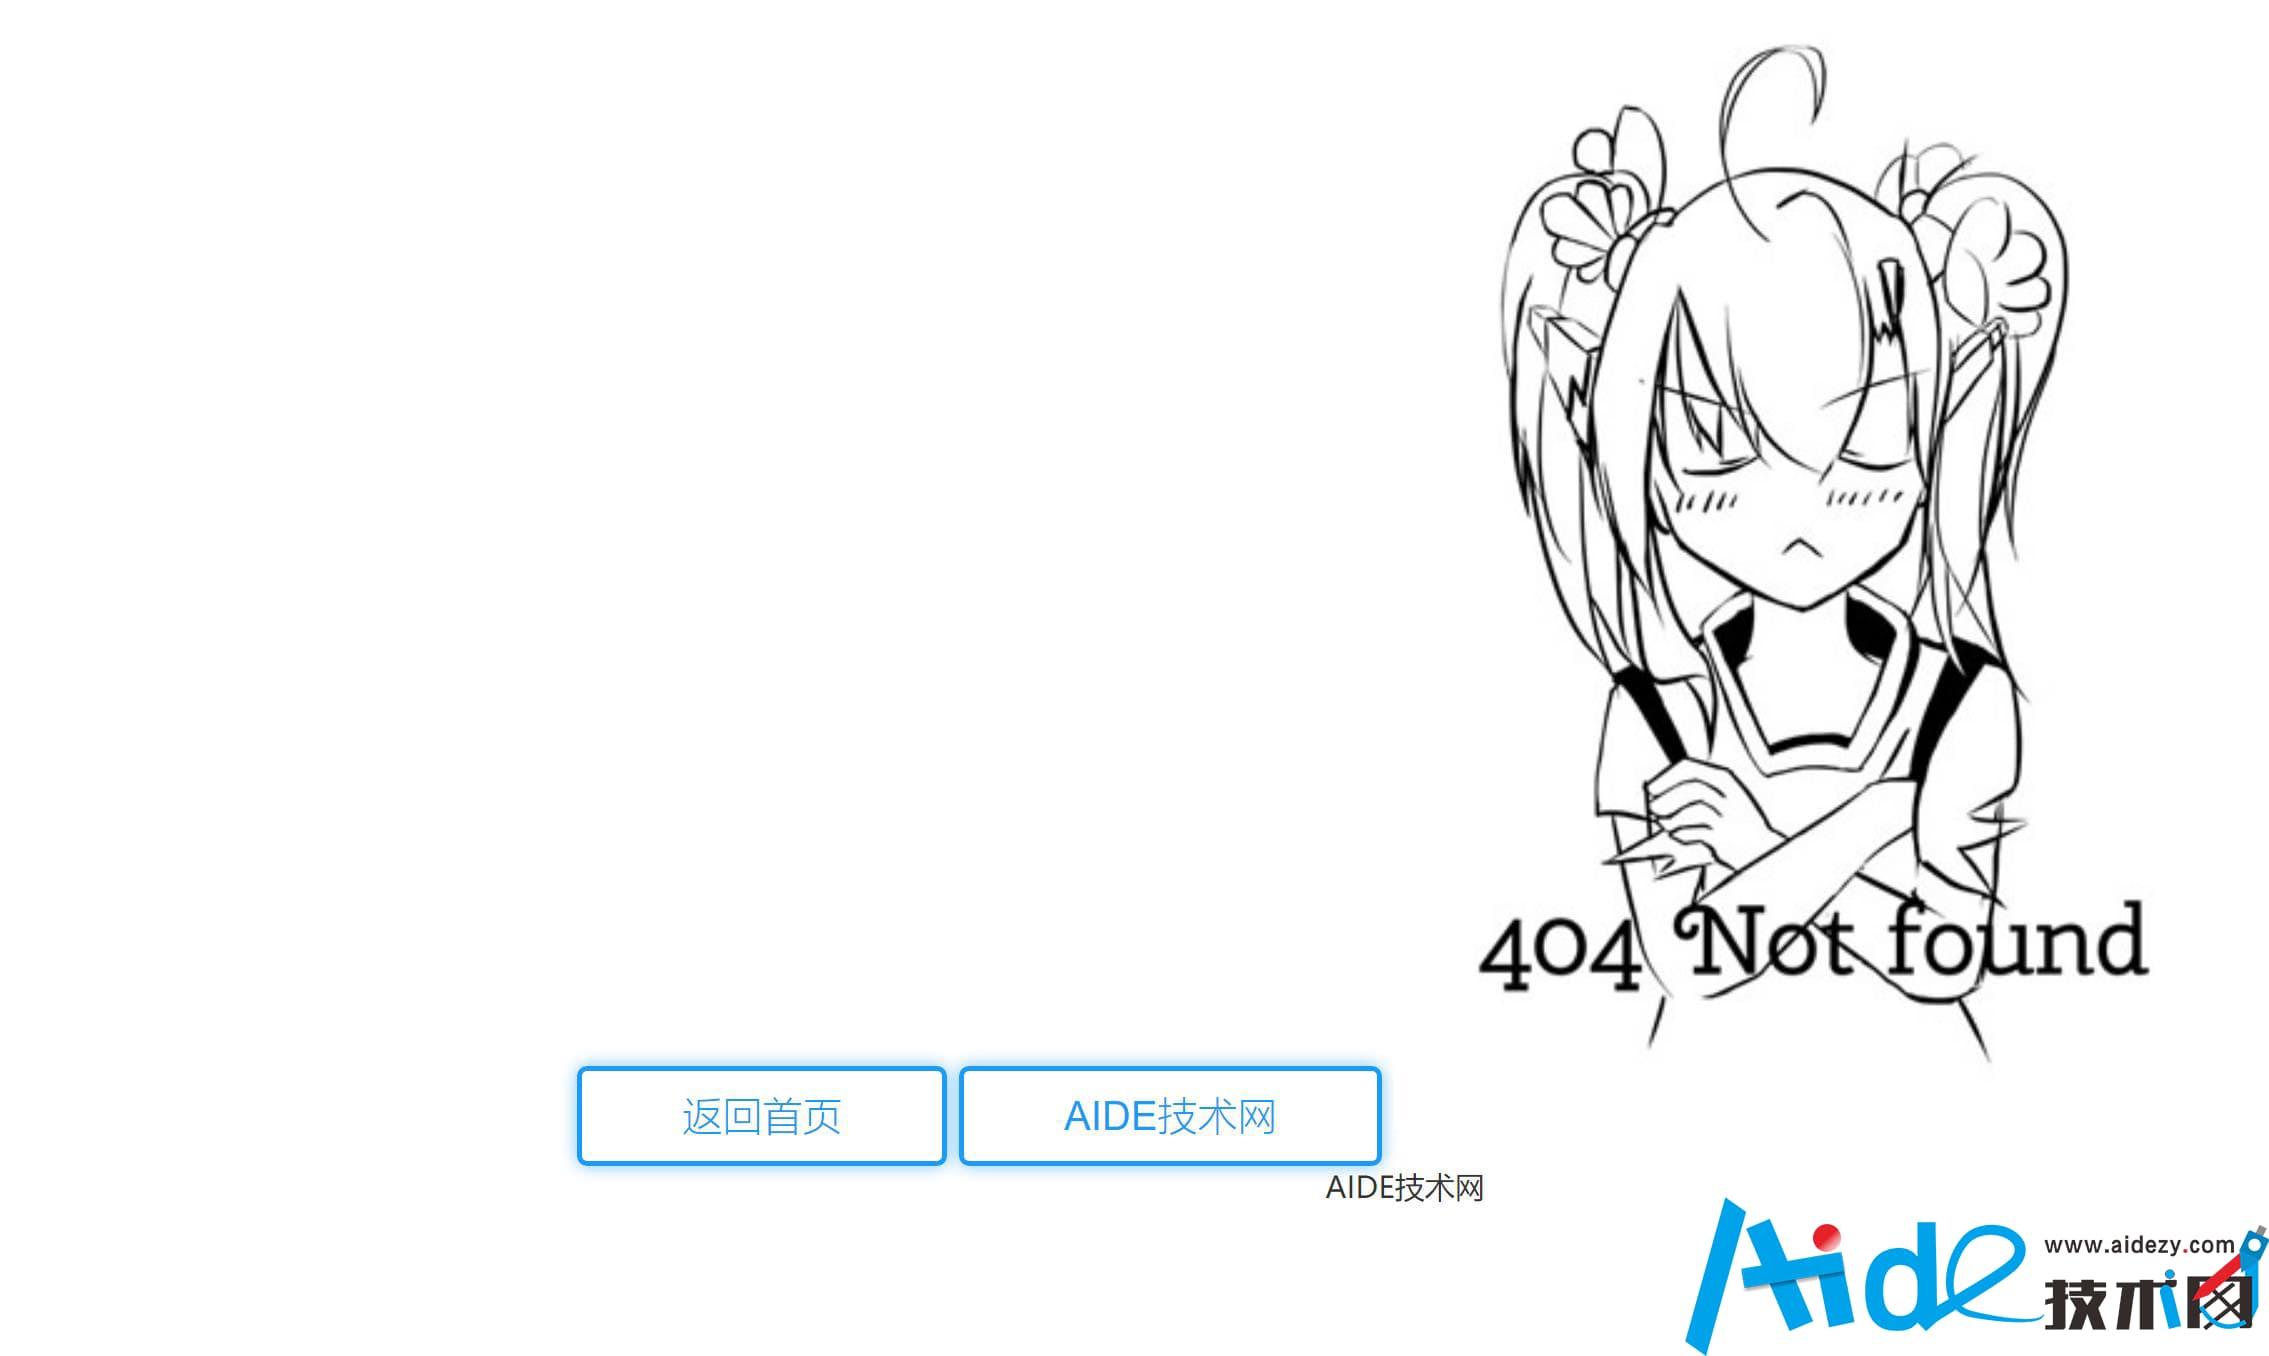 一款会说话的404页面分享